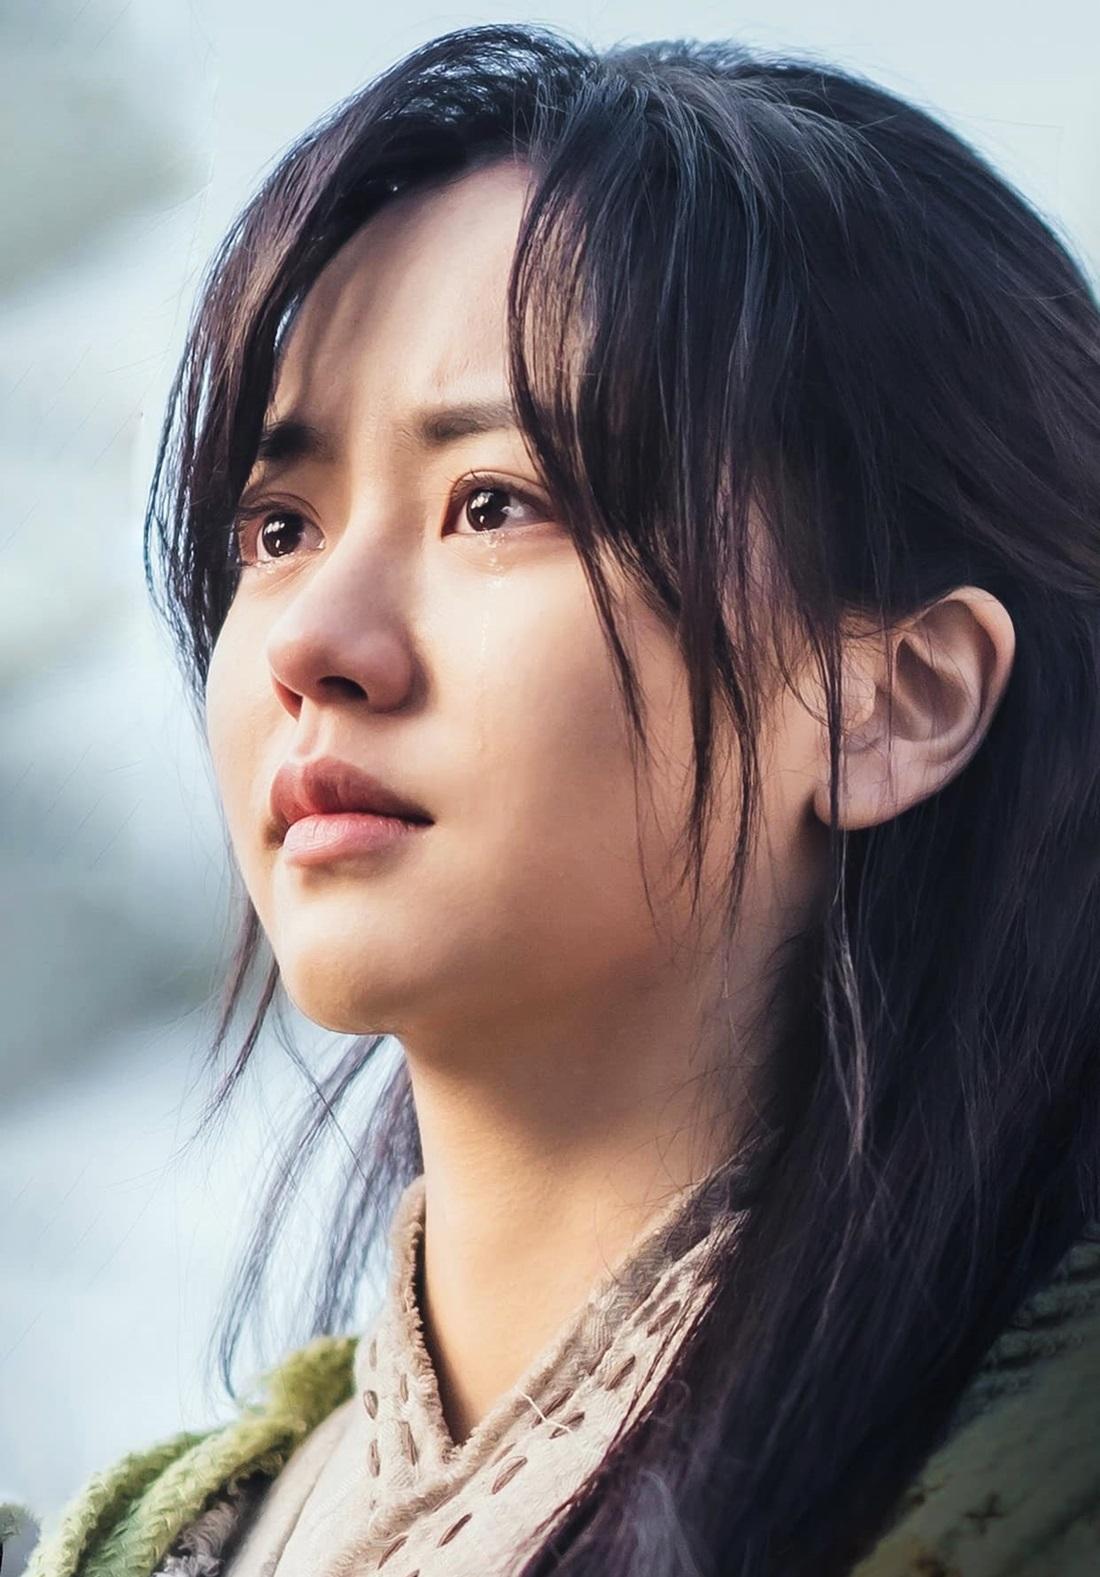 Theo Newsen, đạo diễn đánh giá cao diễn xuất lẫn tạo hình Kim So Hyun, tương đồng 100% nhân vật được miêu tả trong nguyên tác. Ê-kíp sản xuất và các đồng nghiệp khen diễn viên trẻ nhiệt huyết, có sự chuẩn bị đặc biệt, nhất là trong những cảnh hành động phức tạp.